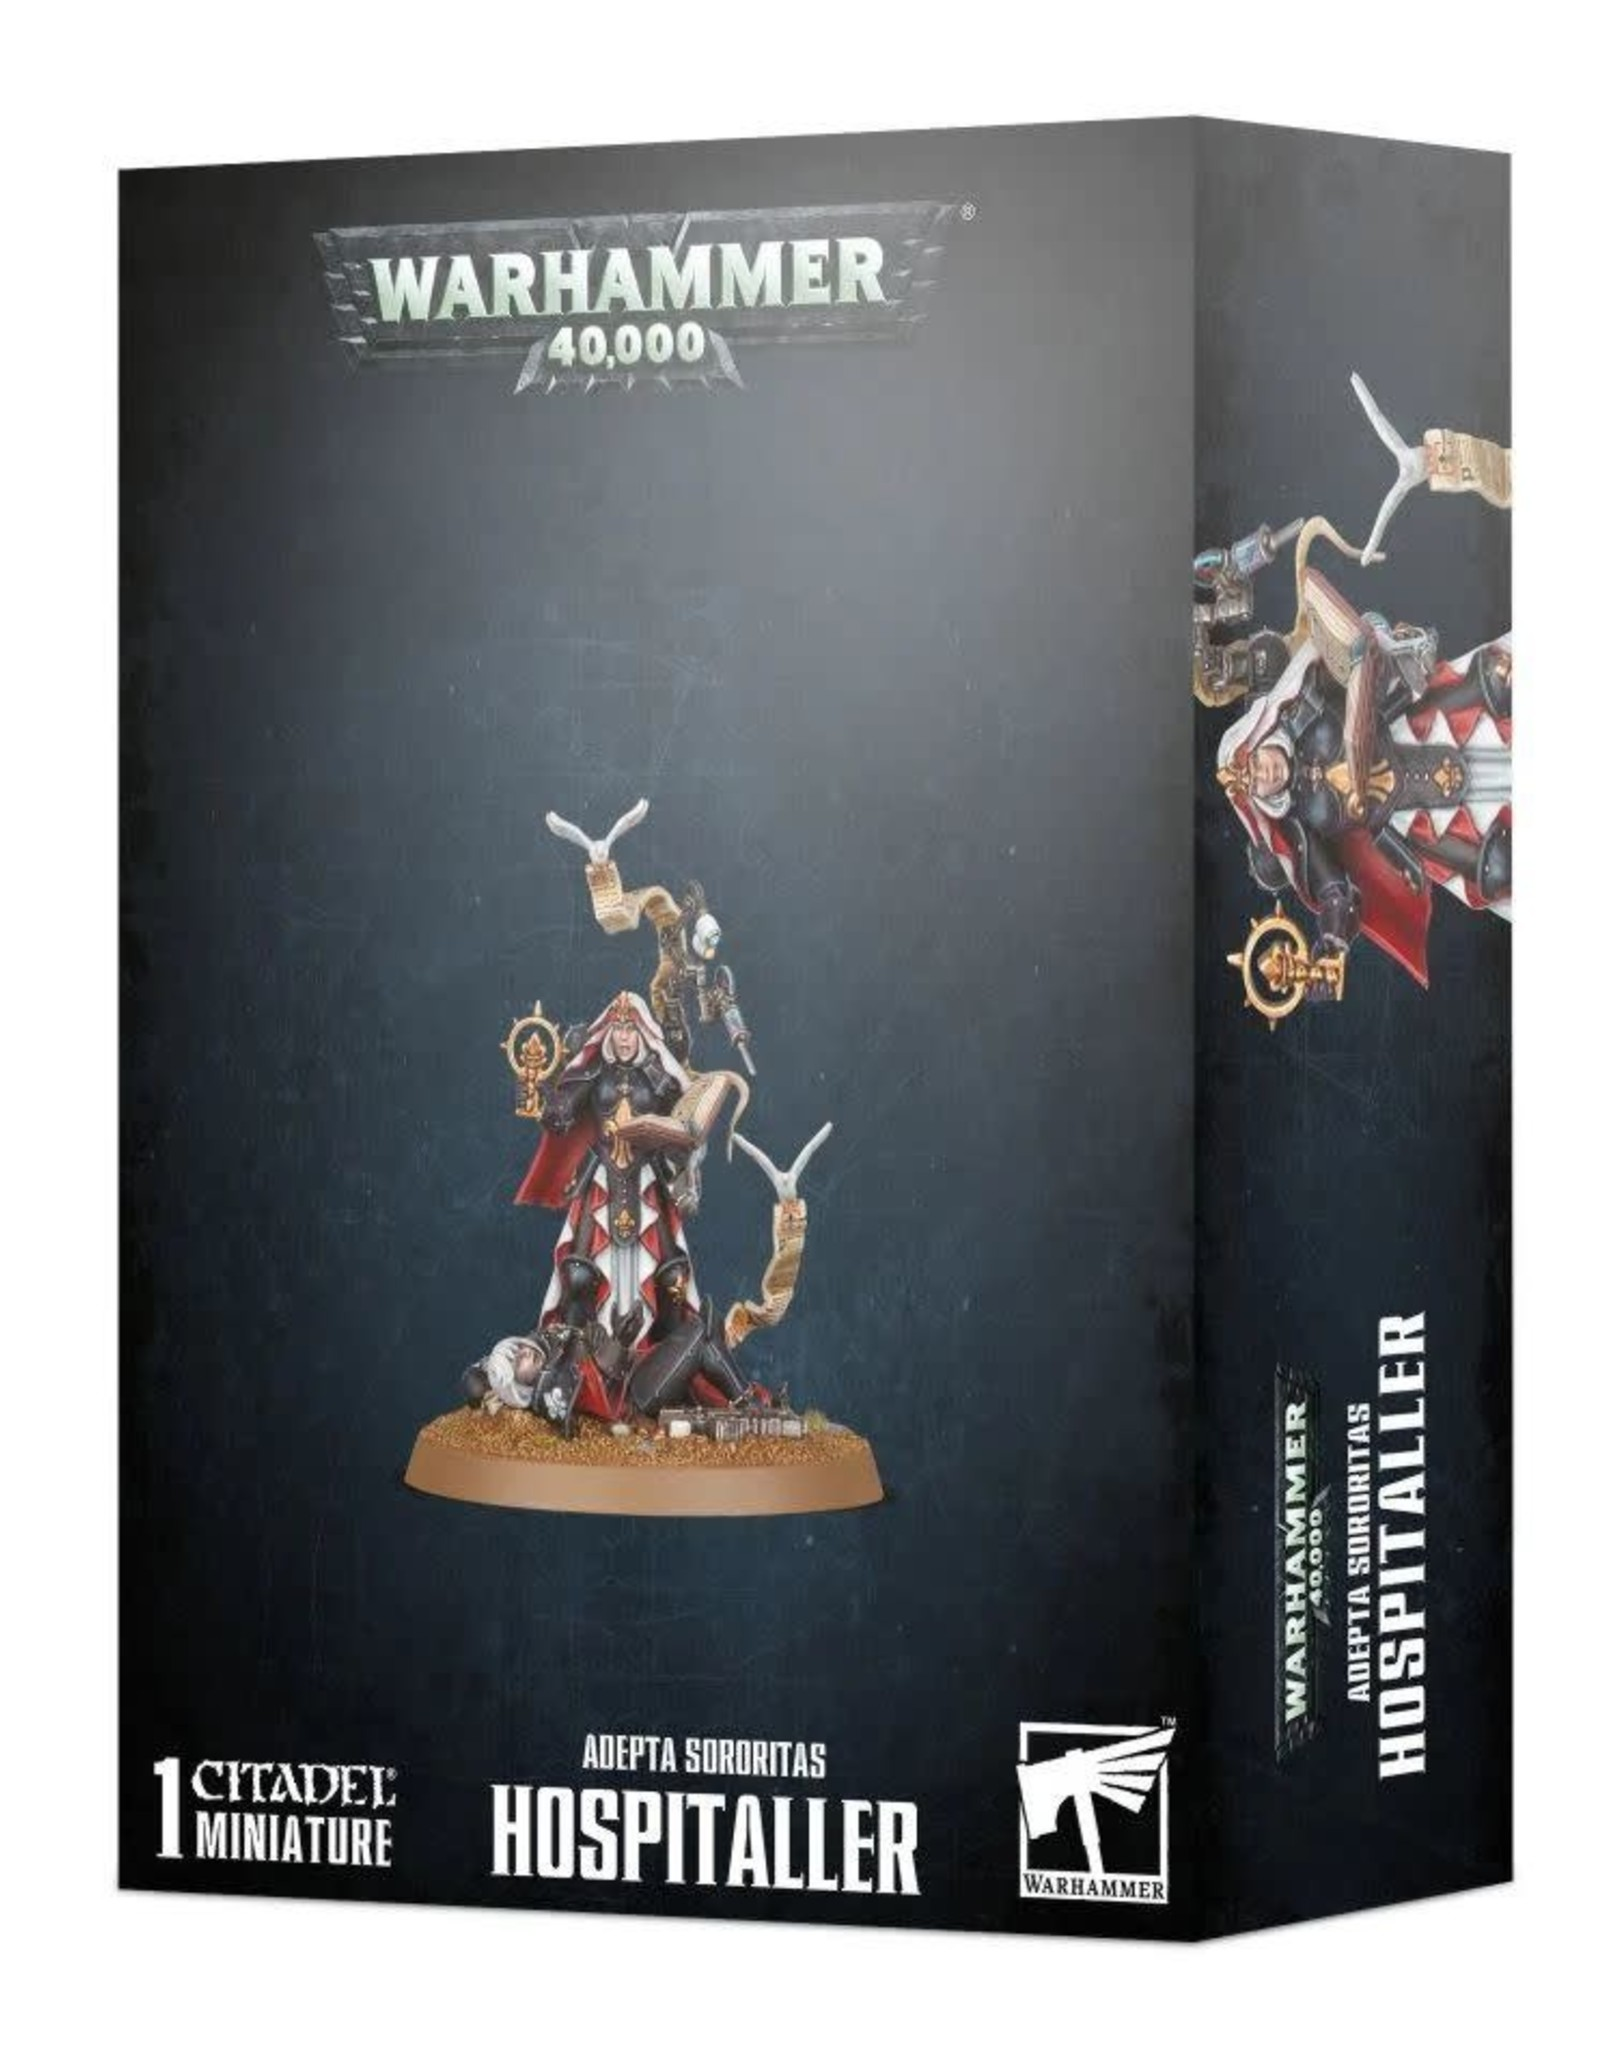 Warhammer 40k Hospitaller